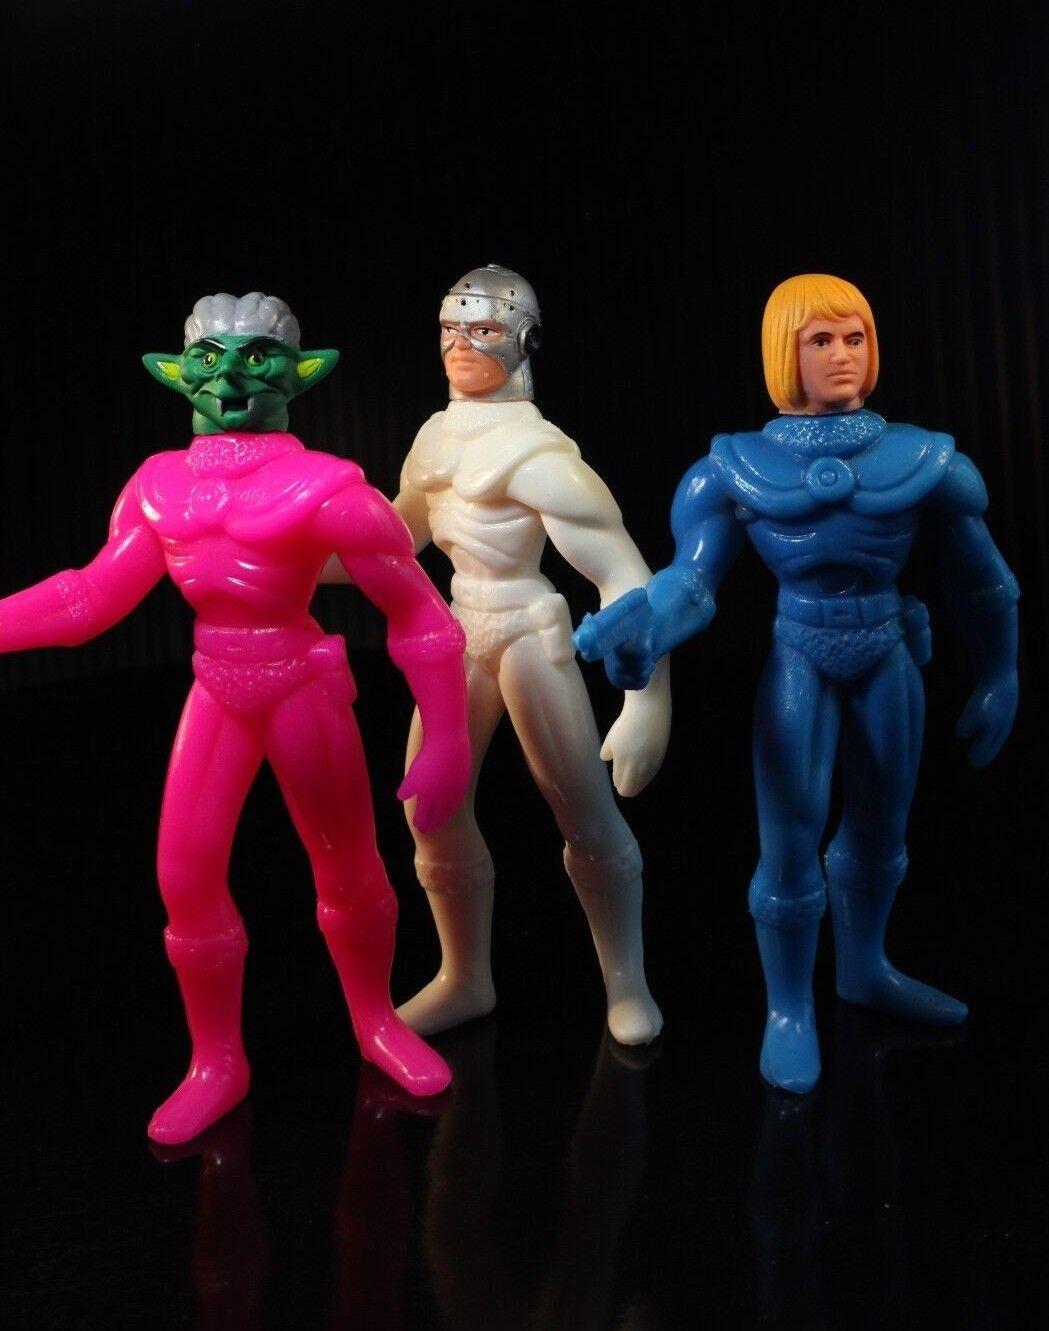 3 STRIKE FIGHTER ASSAULT ASSAULT ASSAULT TANK MOTU Flash Gordon KO BOOTLEG Galaxy Warriors Vinyl ea2279